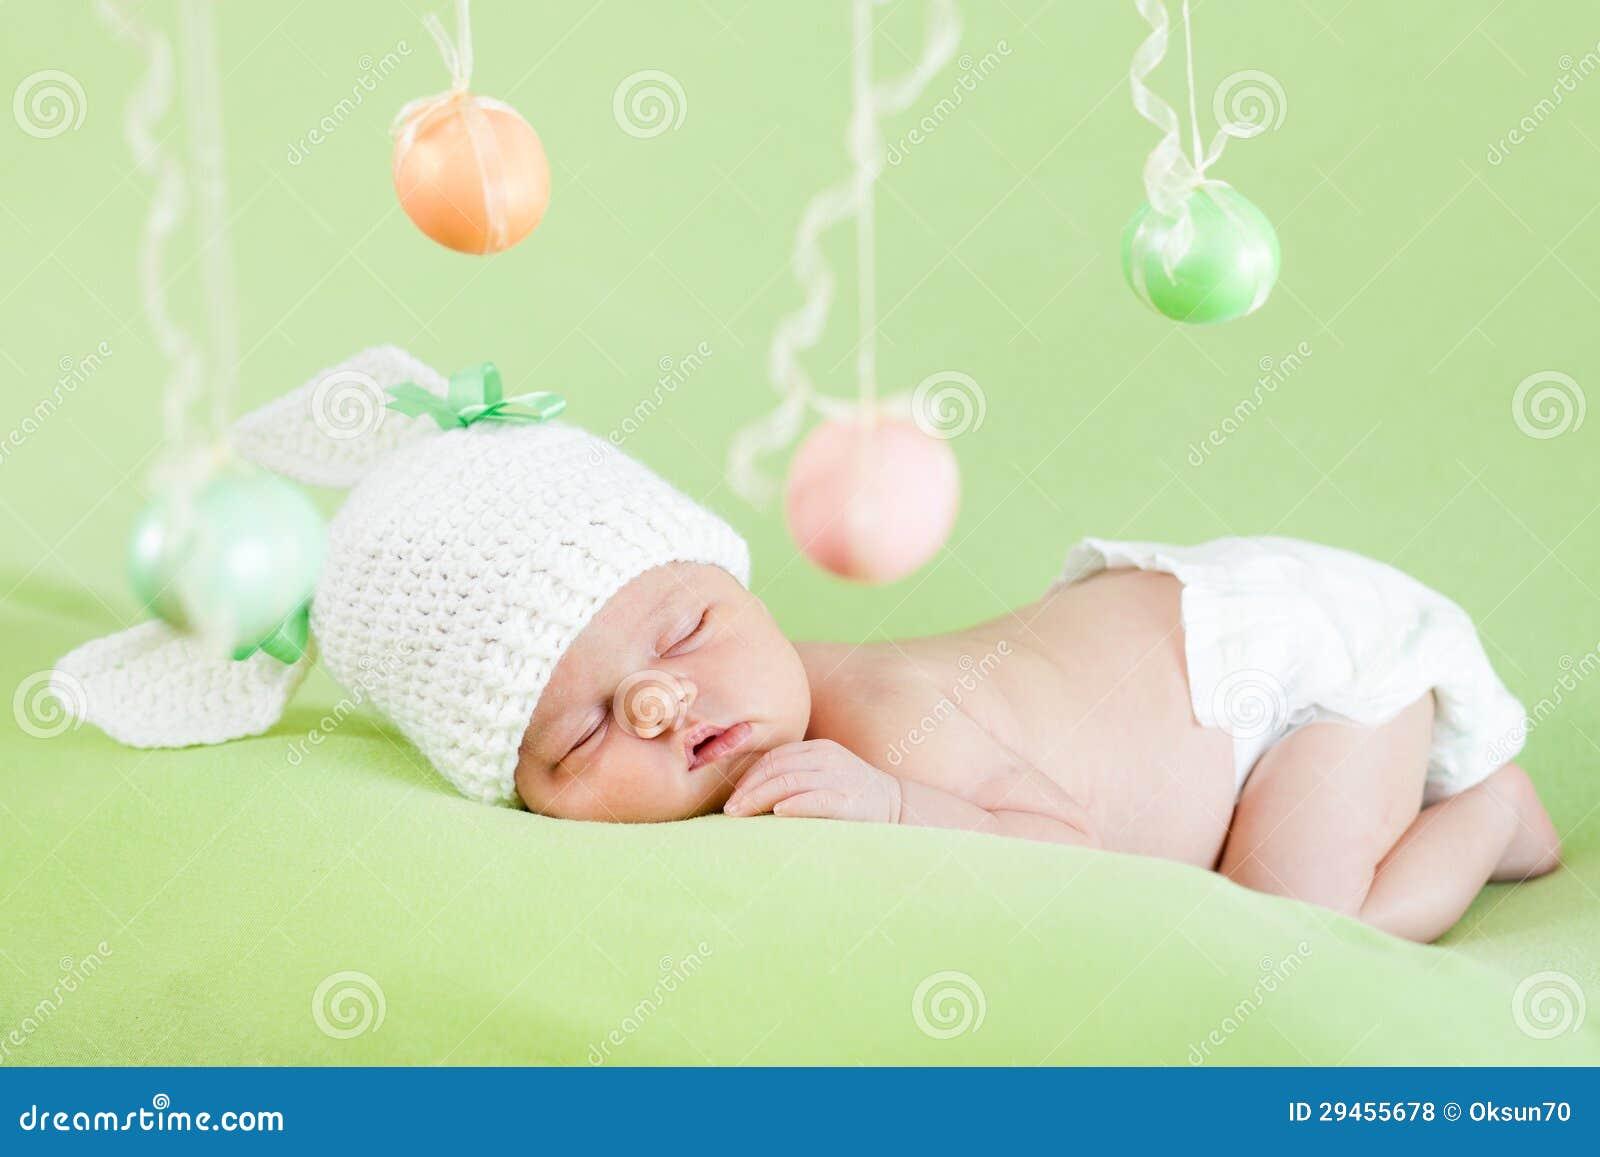 Neugeborenes Baby Ostern Stockfoto Bild Von Grün Windel 29455678